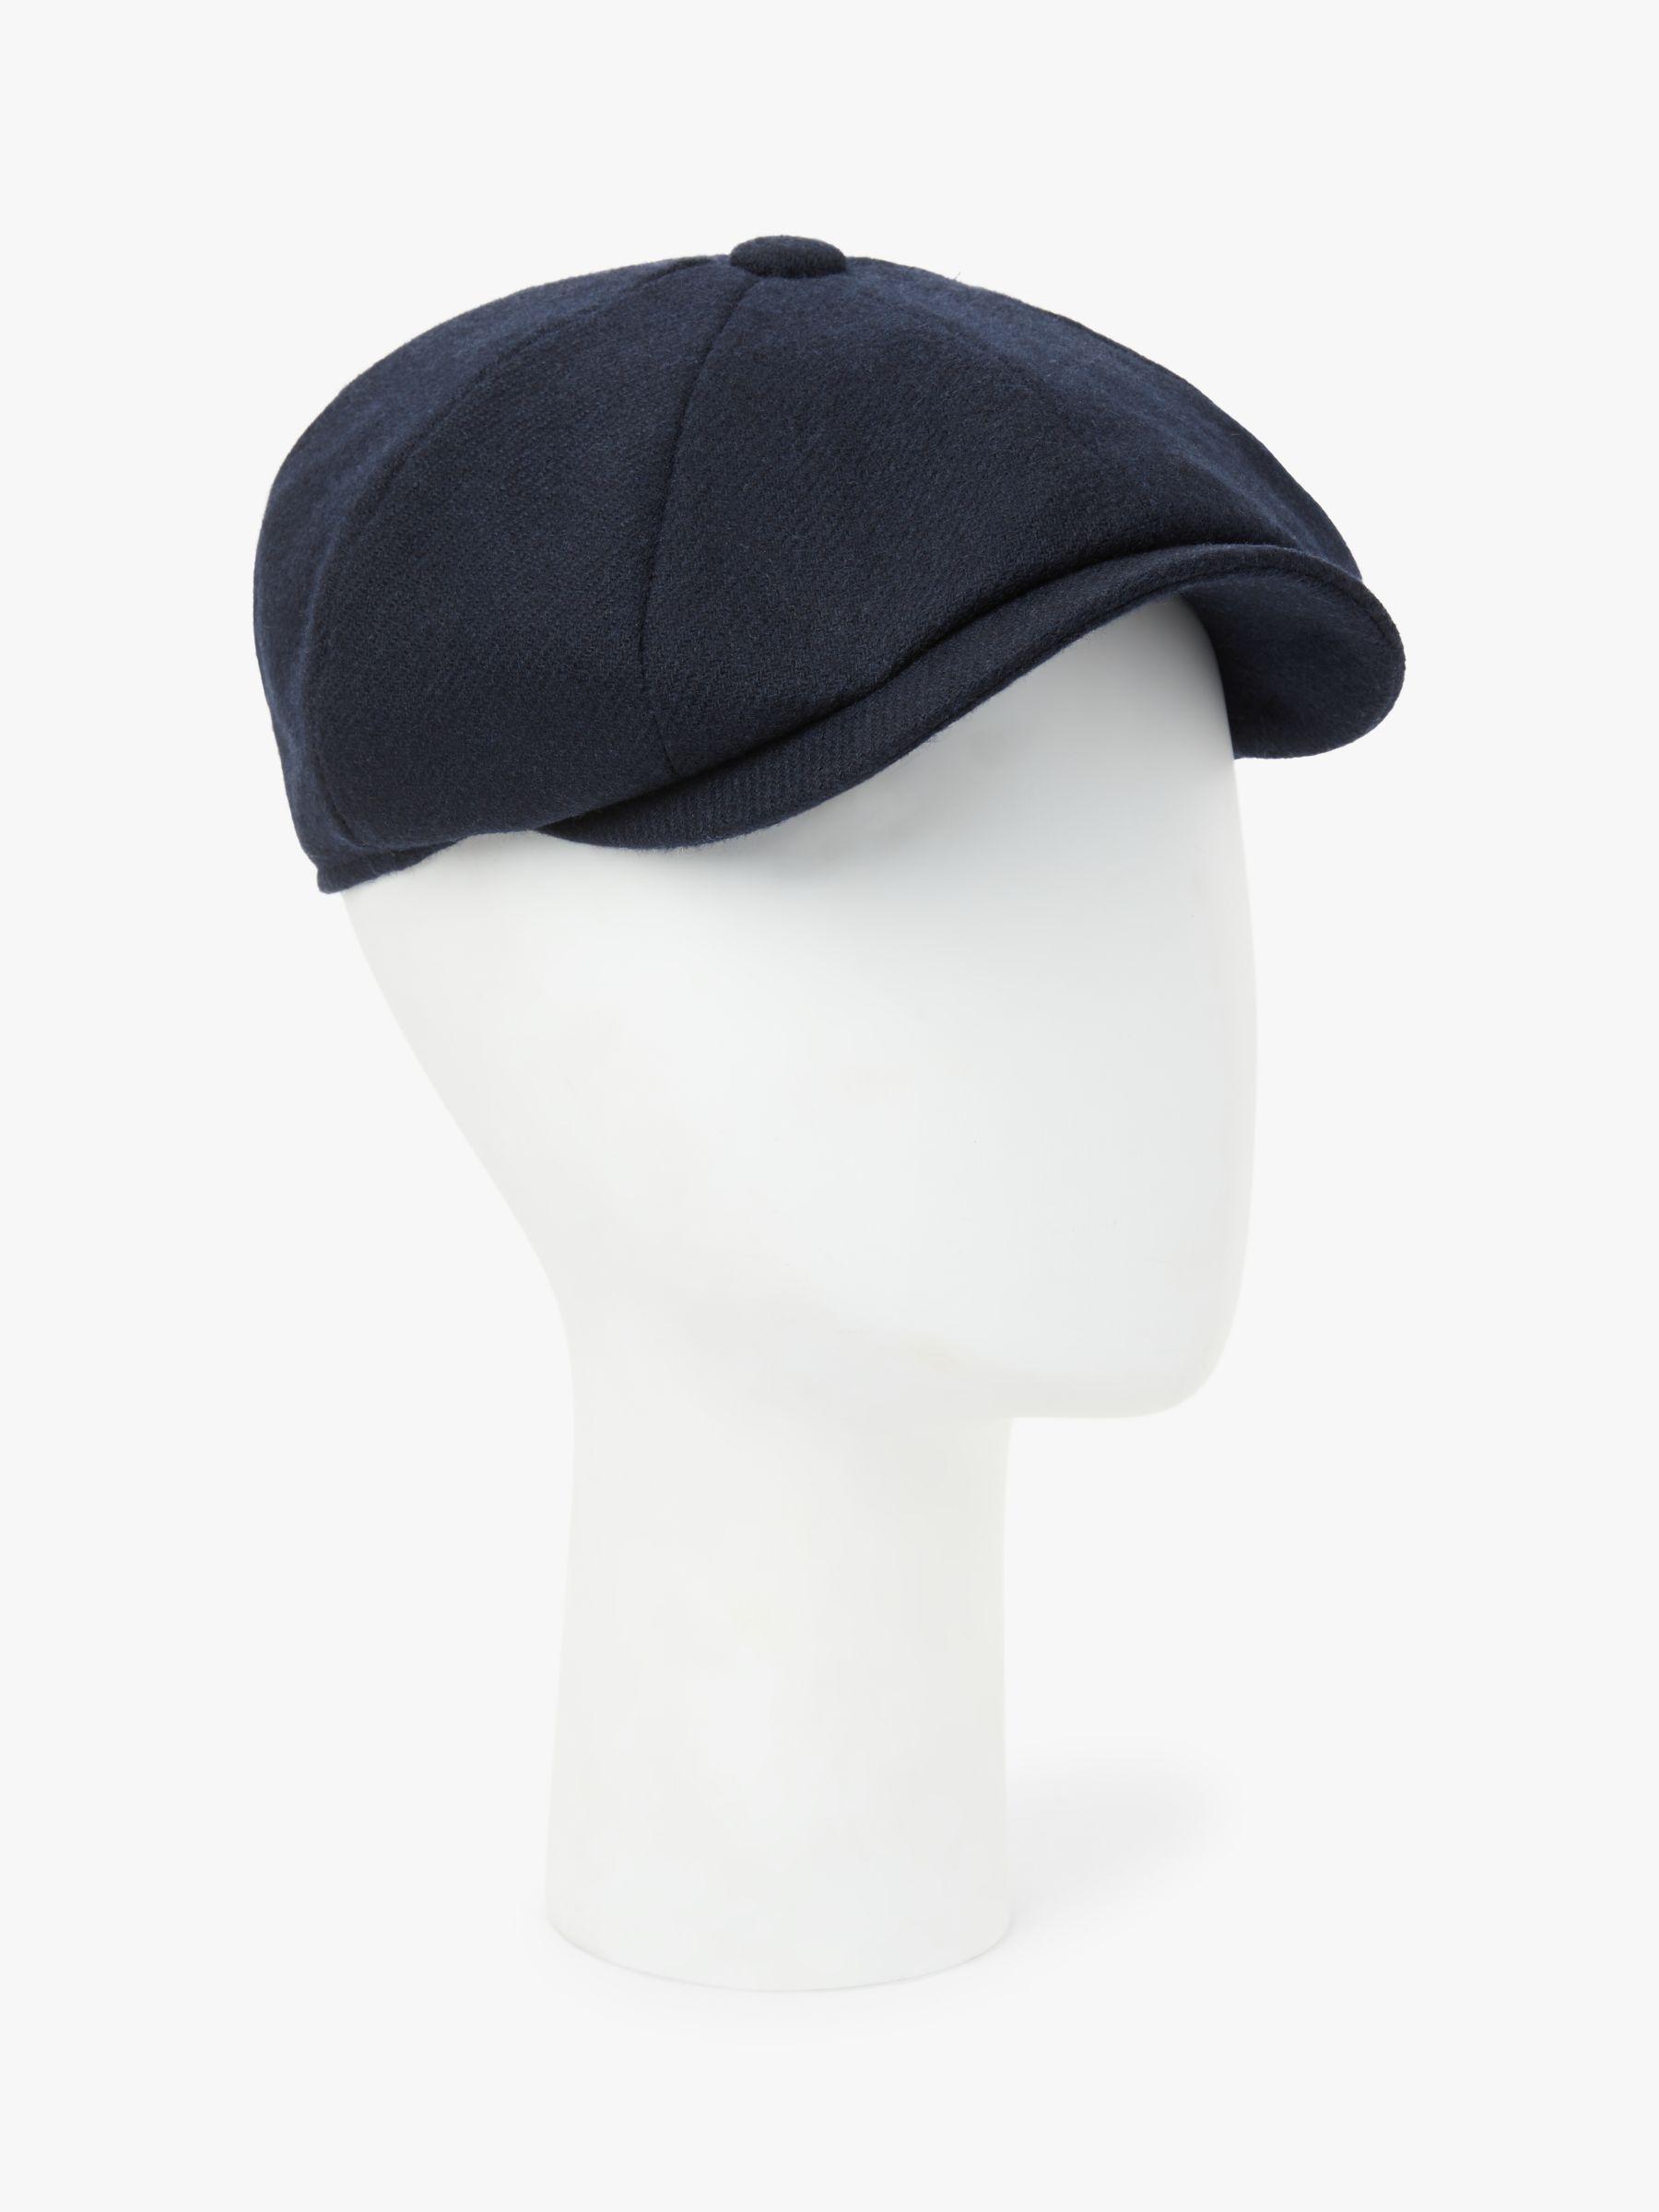 John Lewis & Partners British Merino Wool Baker Boy Cap, Navy